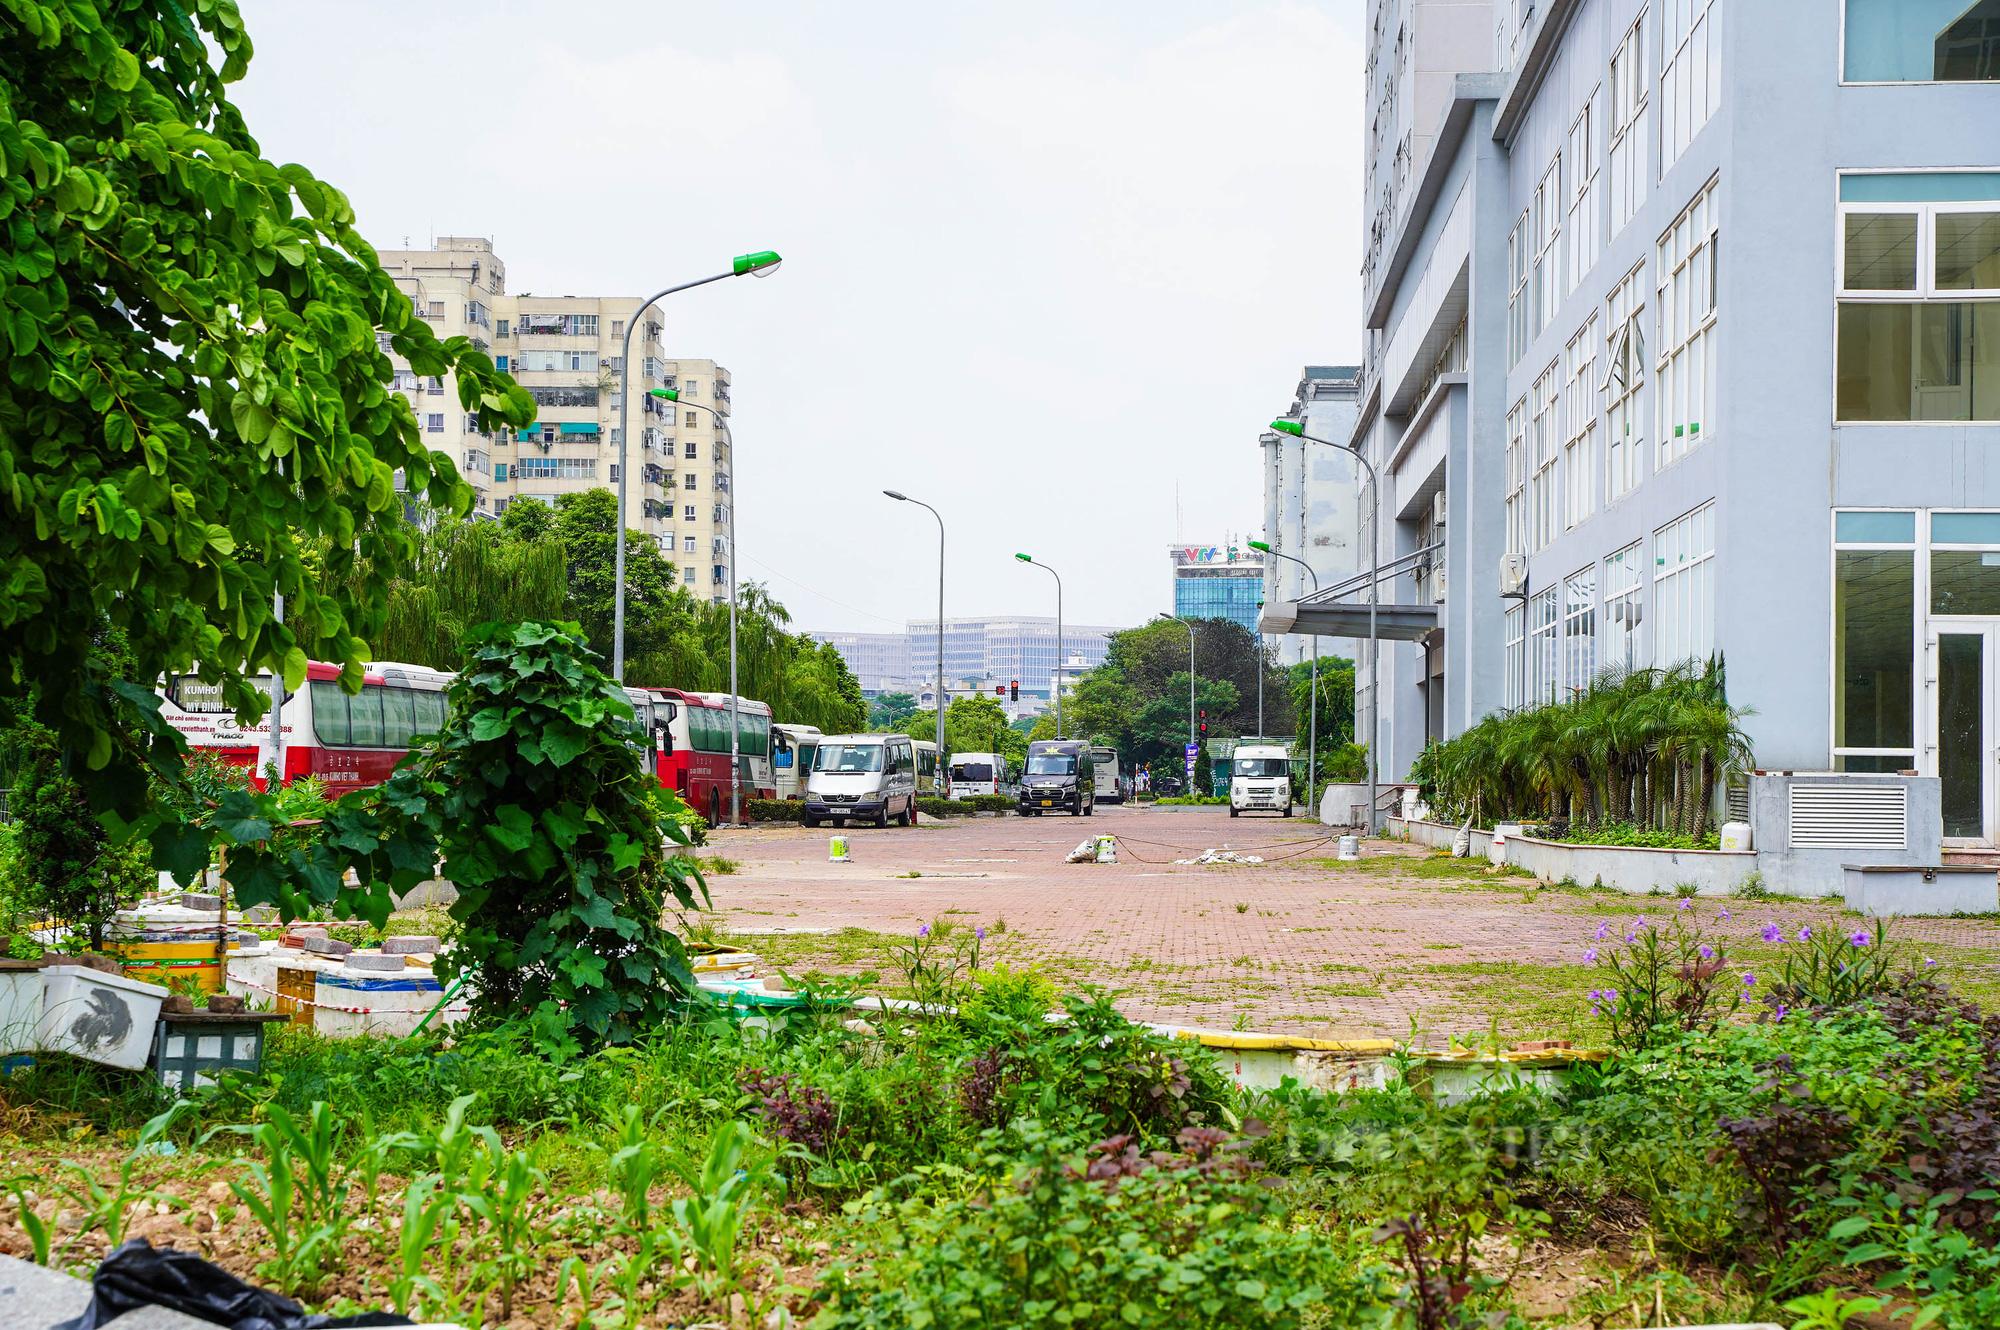 Điểm qua các khu nhà tái định cư được trưng dụng là bệnh viện dã chiến tại Hà Nội - Ảnh 6.